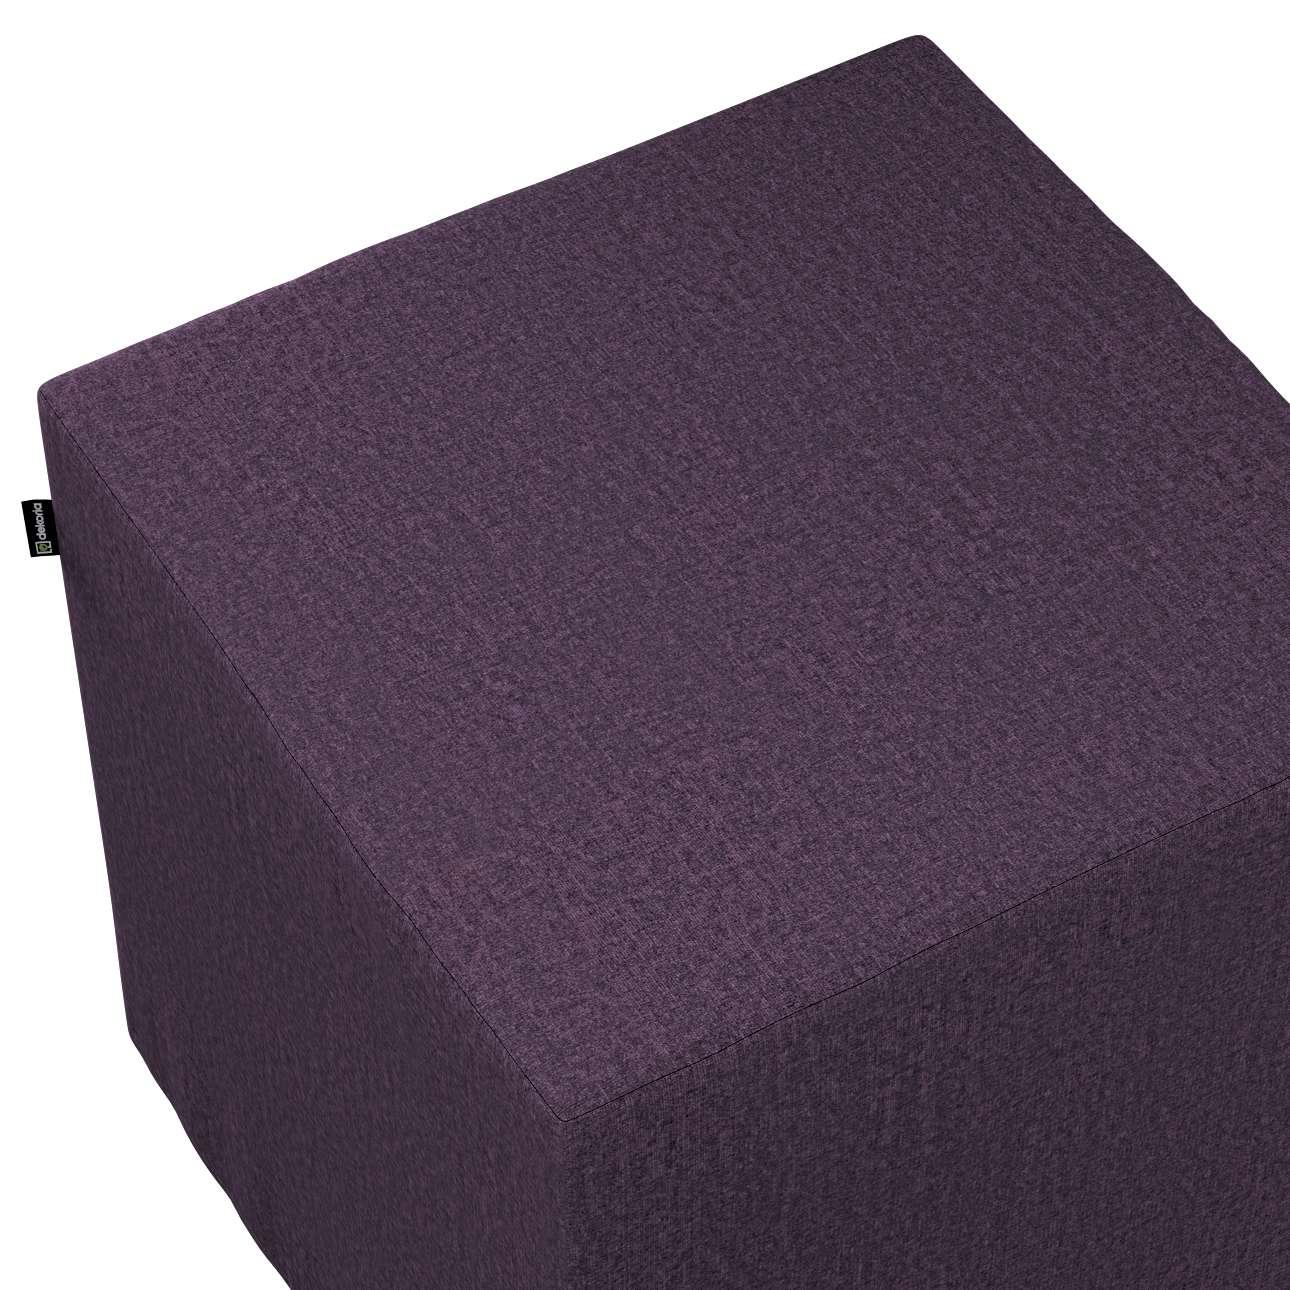 Sitzwürfel von der Kollektion Living, Stoff: 161-67